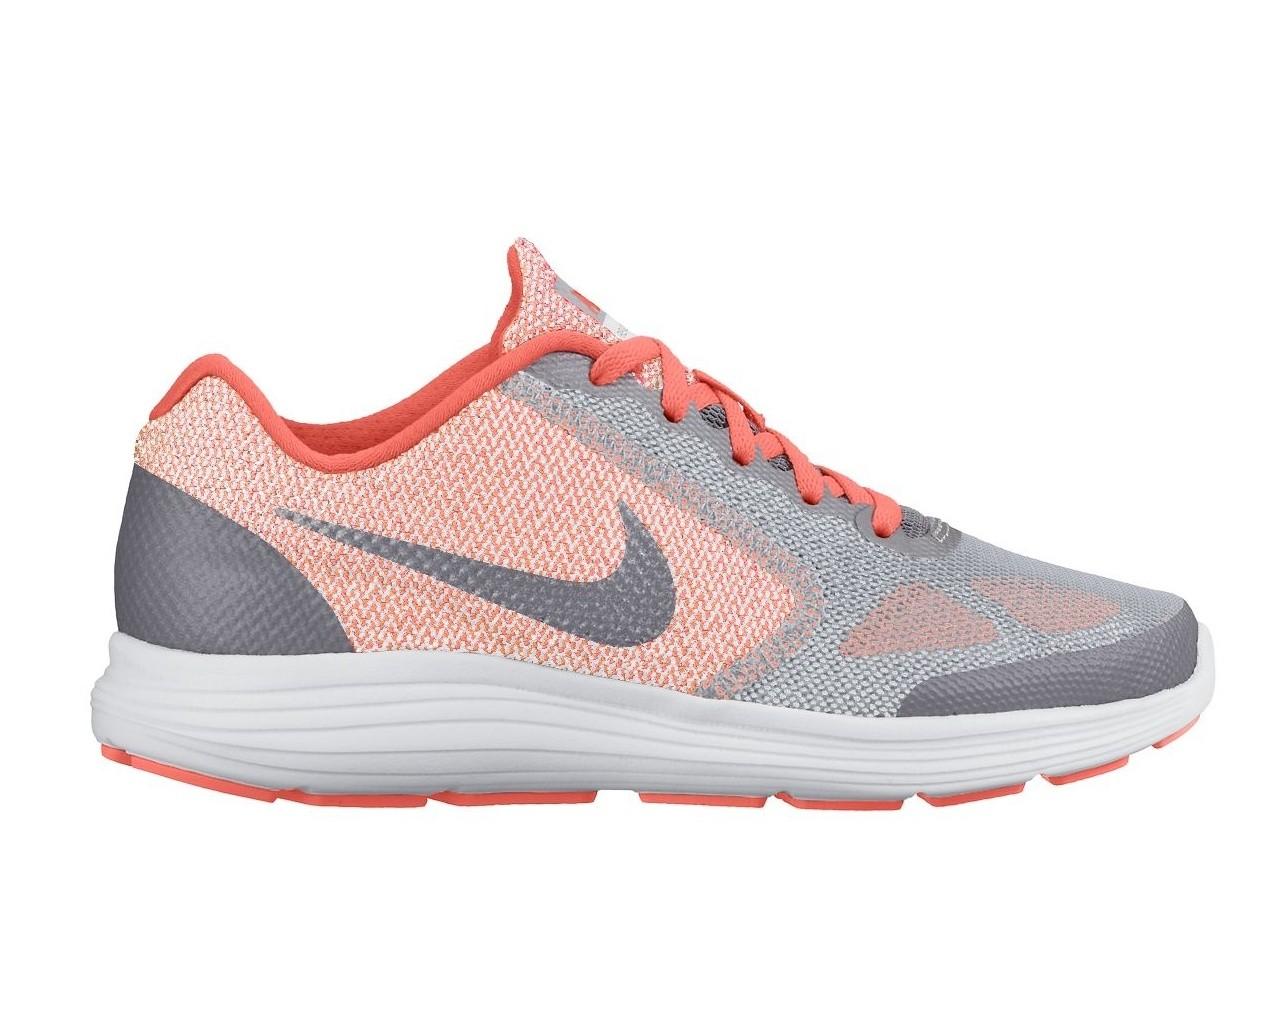 Dětské běžecké boty Nike REVOLUTION 3 (GS)  9760a8f4eb